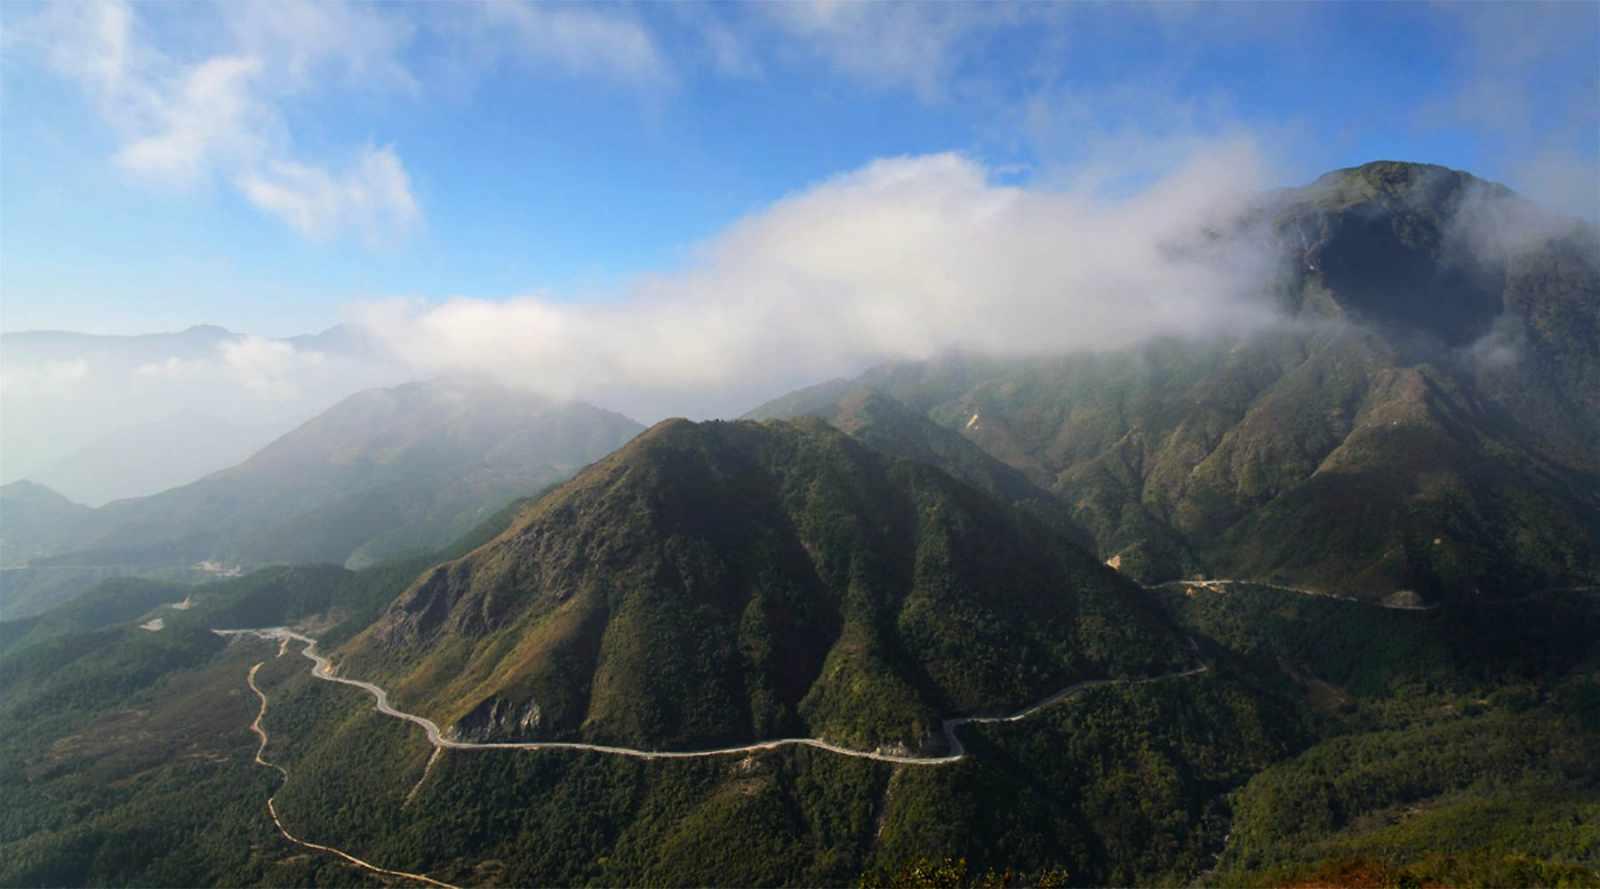 Tour Tây Bắc - Đèo Ô Quy Hồ, ngọn đèo cao nhất Việt Nam